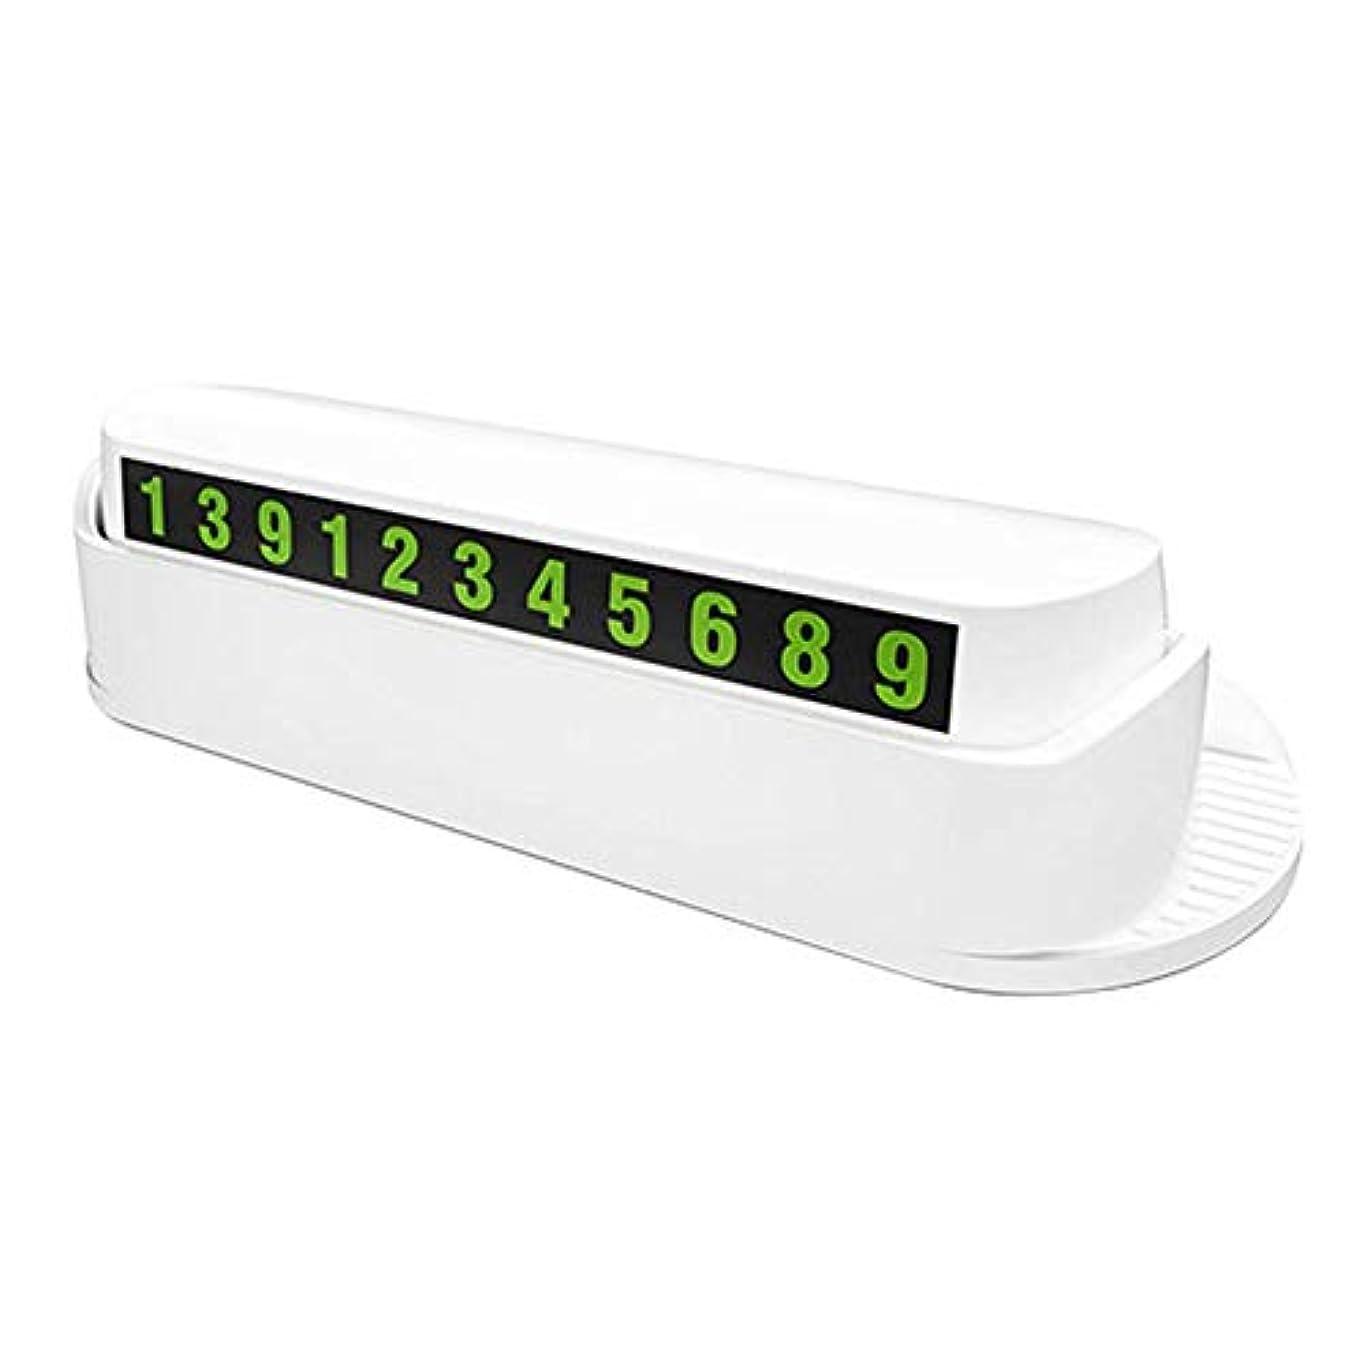 回復するパイントつまずくSymboat 車の一時的な駐車板の明るい数のアロマセラピーの電話ホールダーの棚